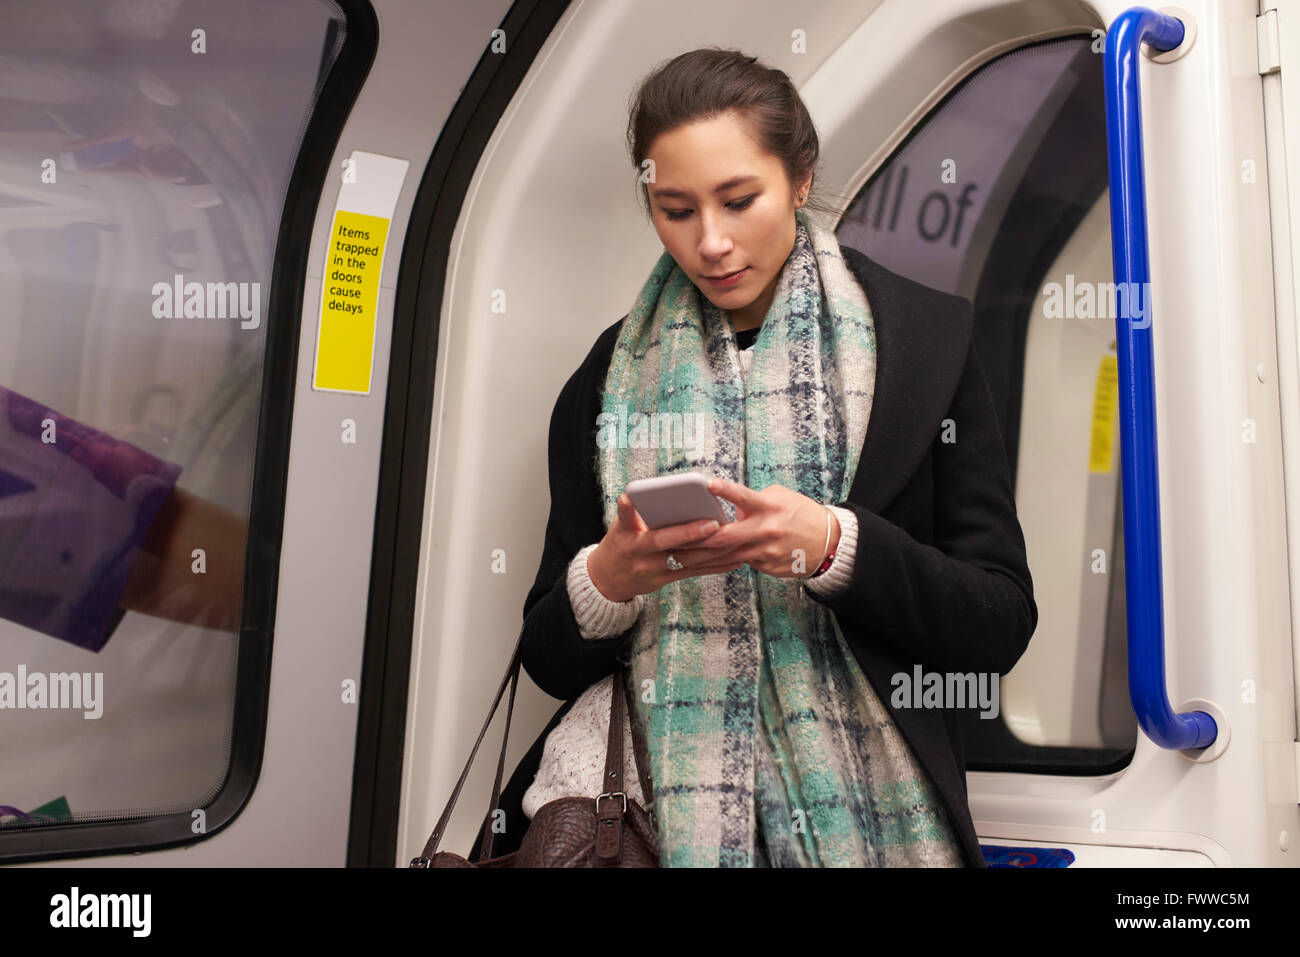 Mujer de pie en el metro transporte buscando en mensaje de texto Imagen De Stock